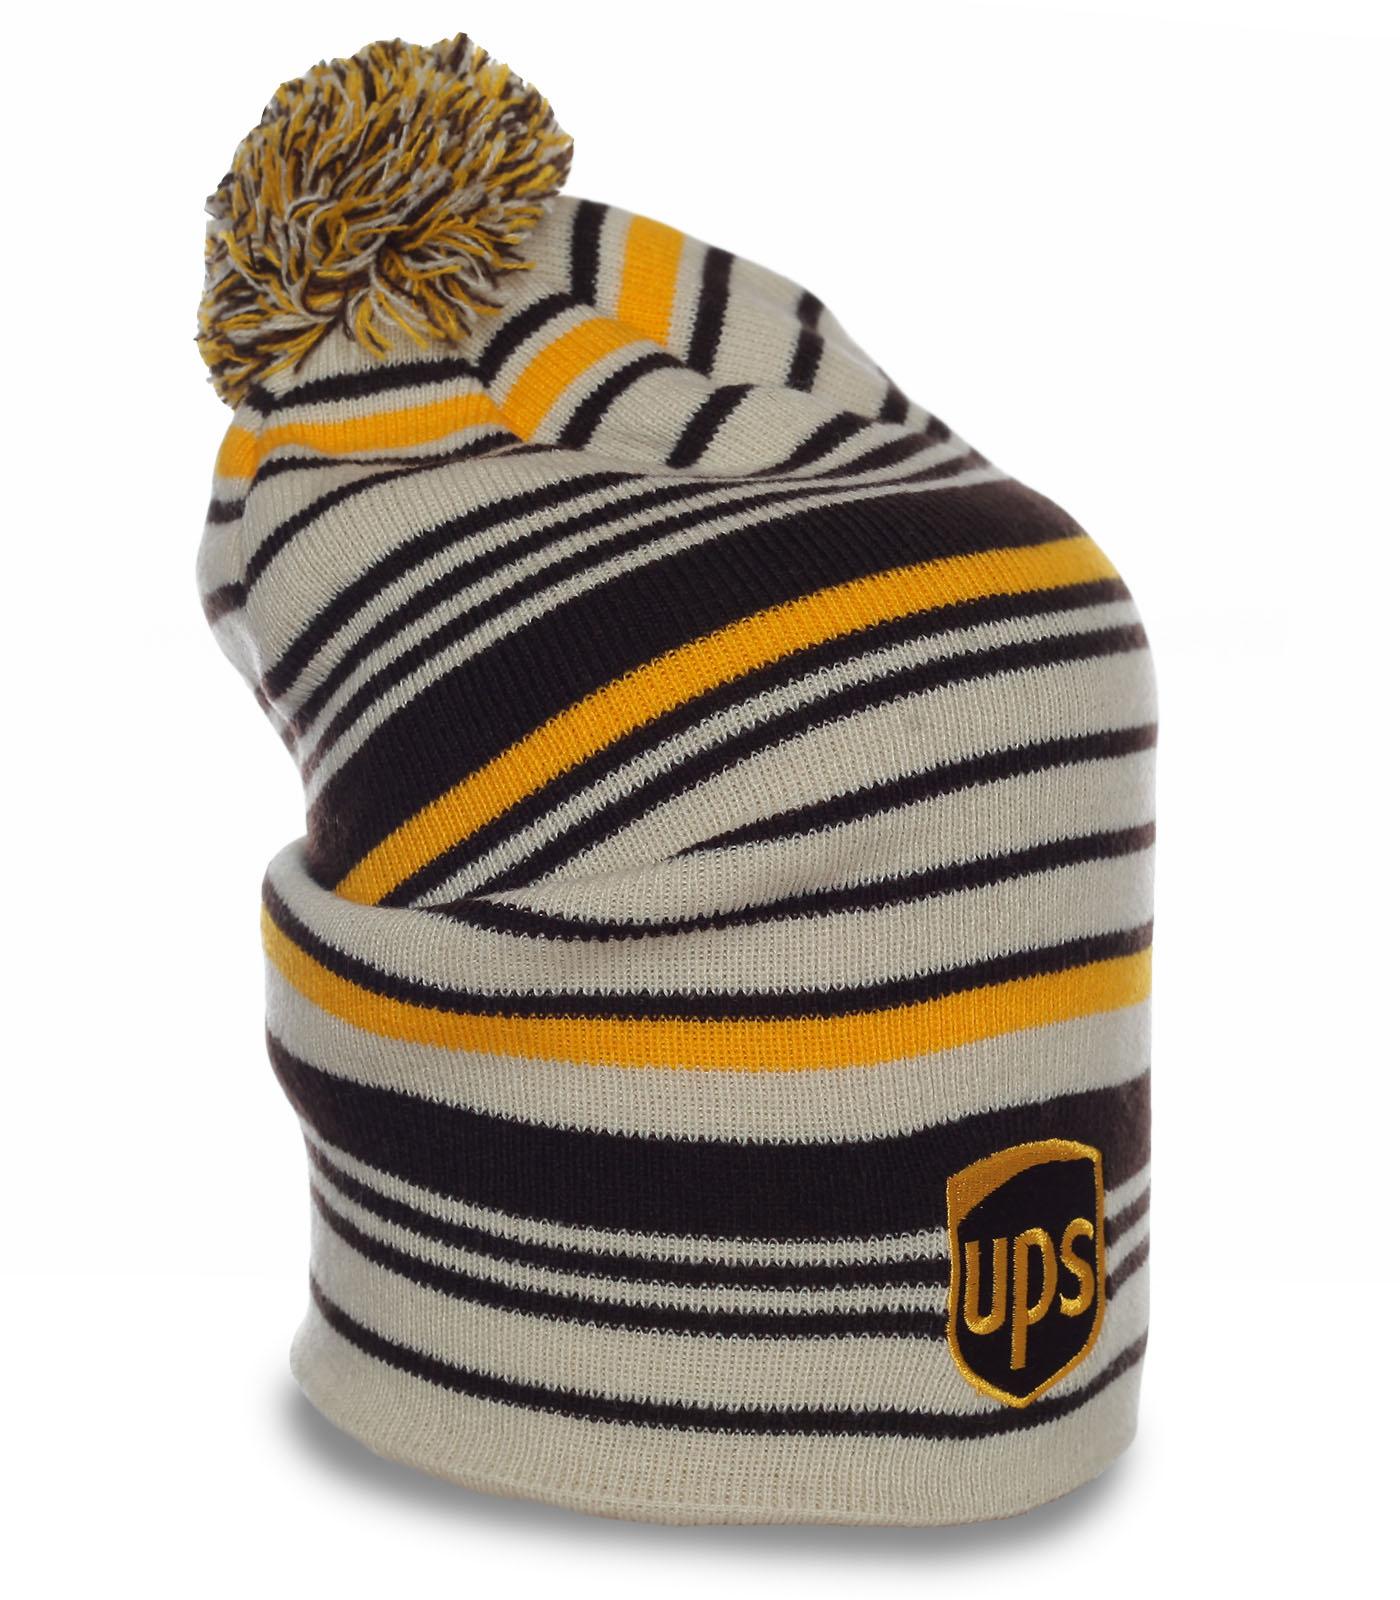 Супер-модная шапка в полоску Ups. Удлиненная модель с помпоном, которая надежно согреет в любую погоду